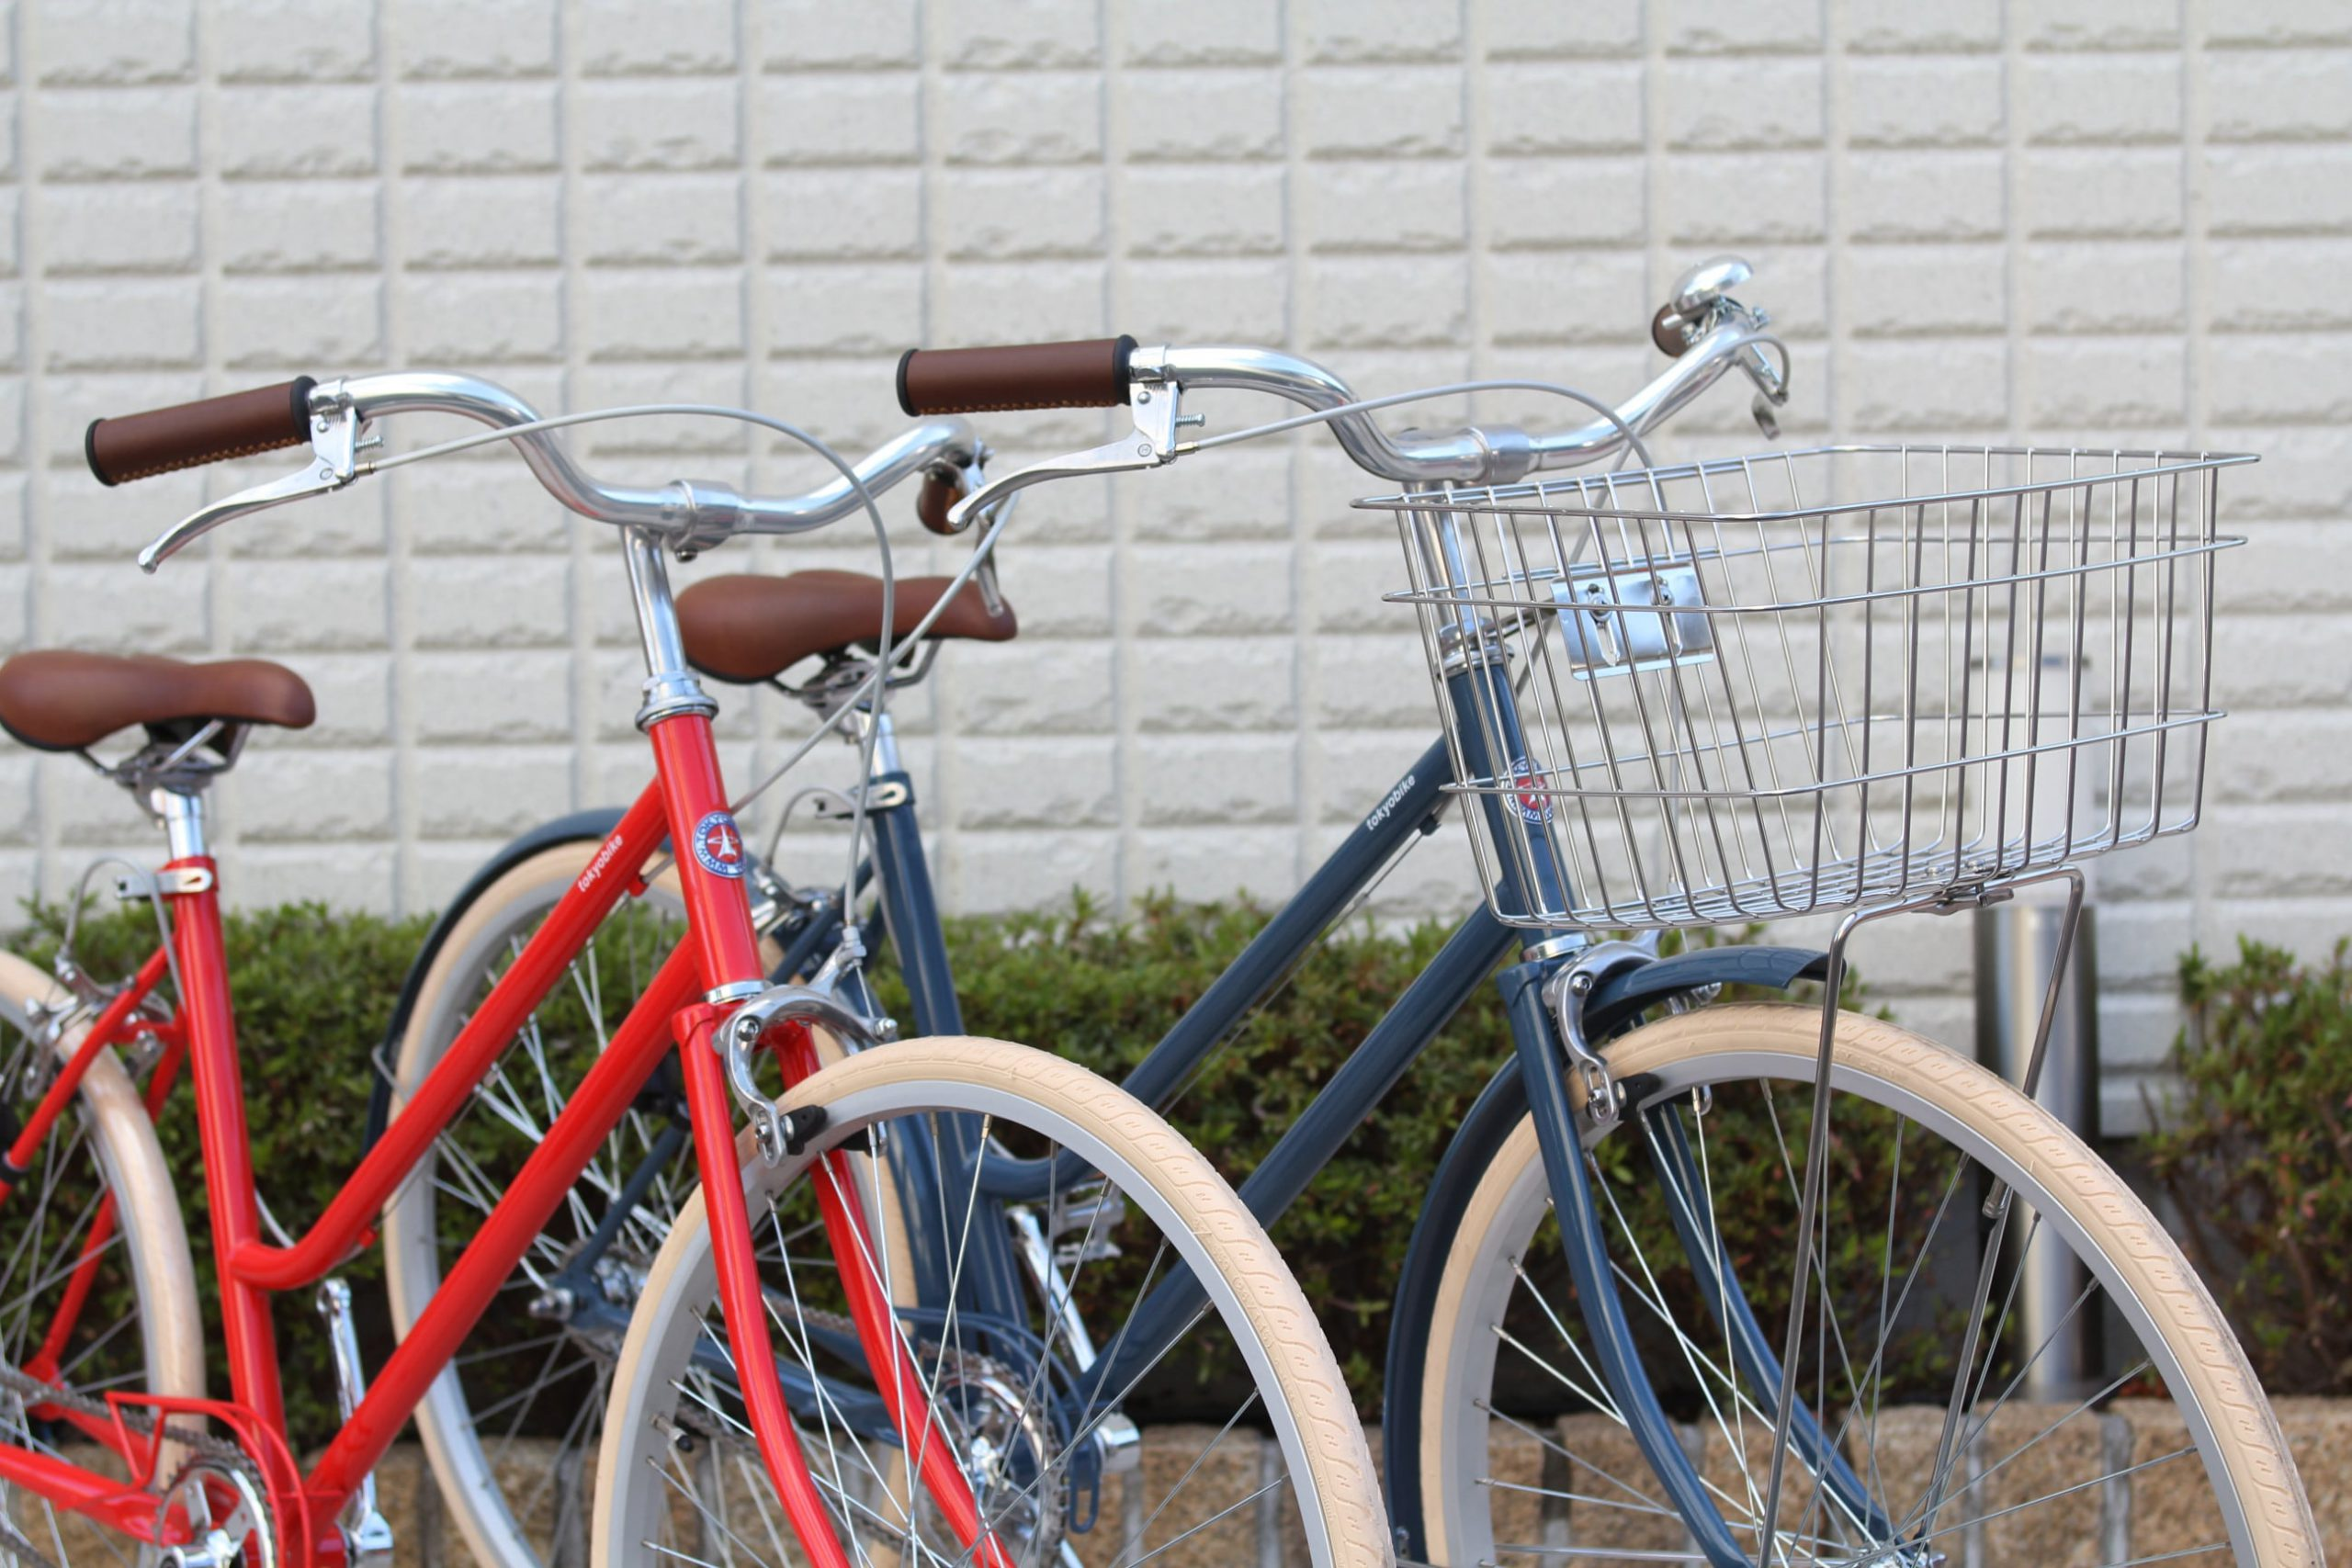 tokyobike『lite』のノーマル車とカスタム車を比較してみようの会